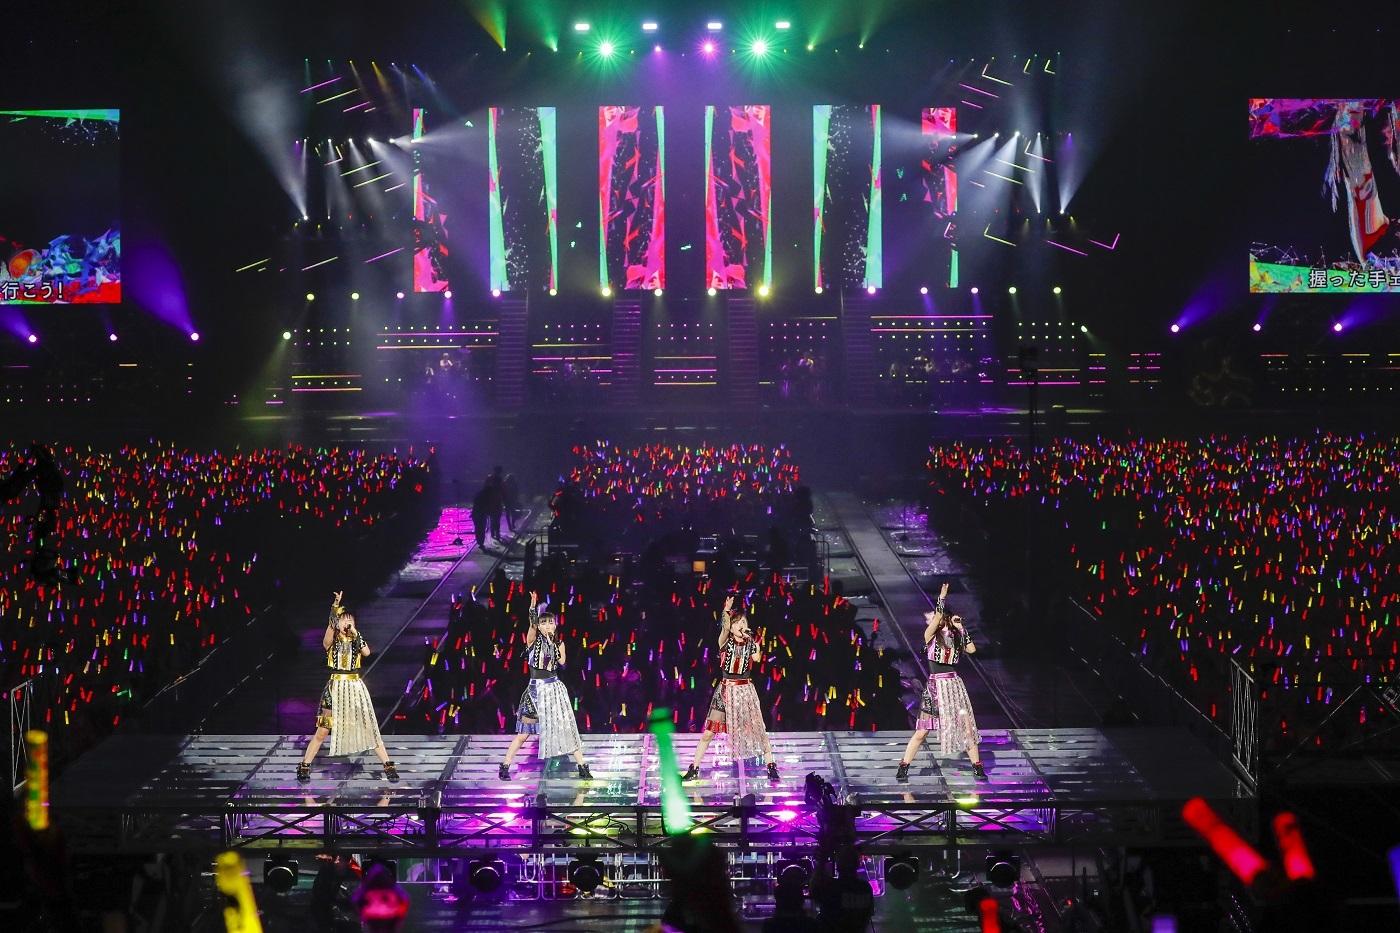 ももクロ まだ4人でできることはたくさんある 東京ドーム公演2days